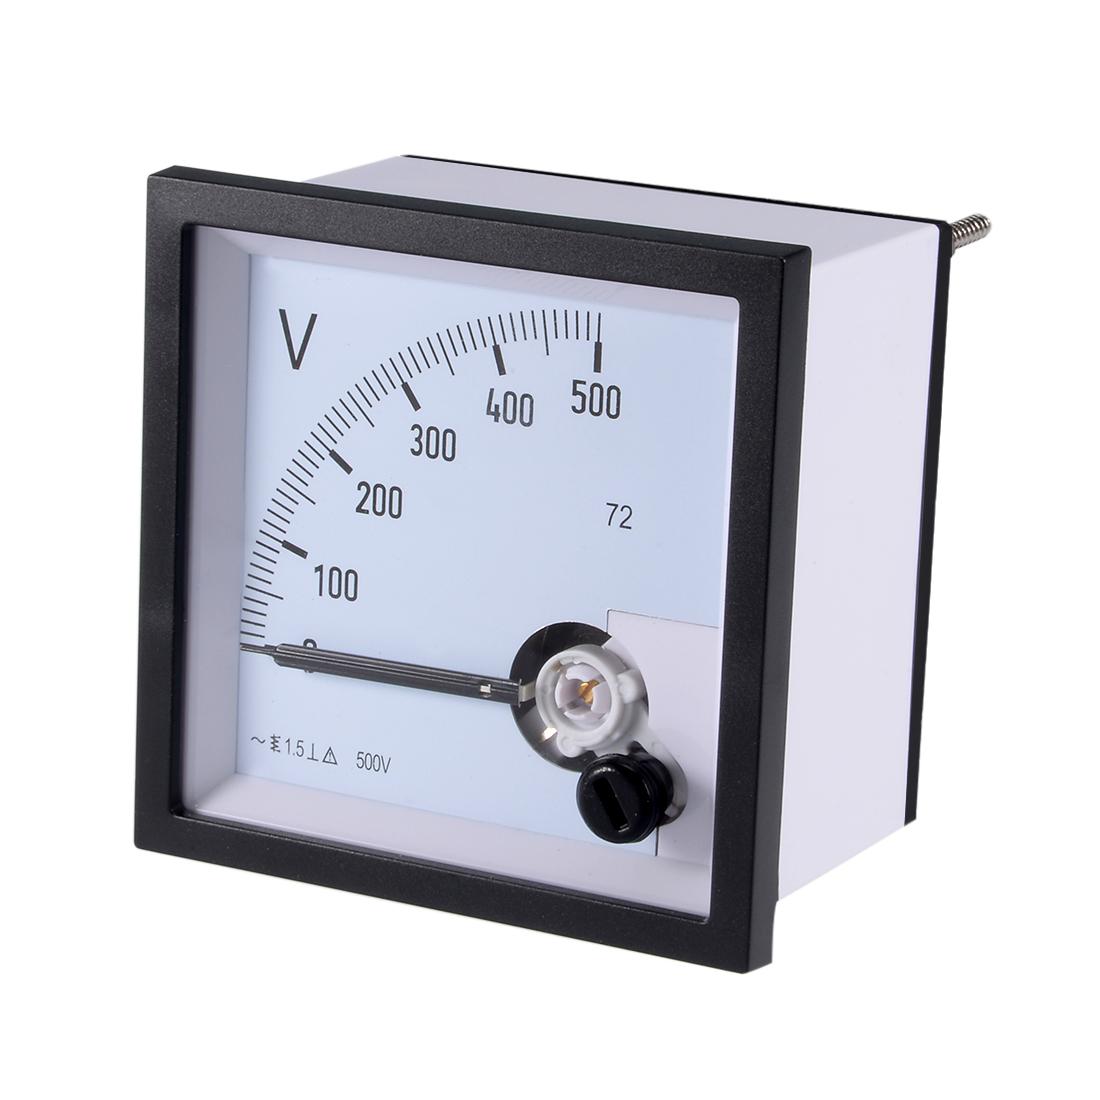 AC 0-500V Analog Panel Voltage Gauge Volt Meter 72 1.5% Error Margin